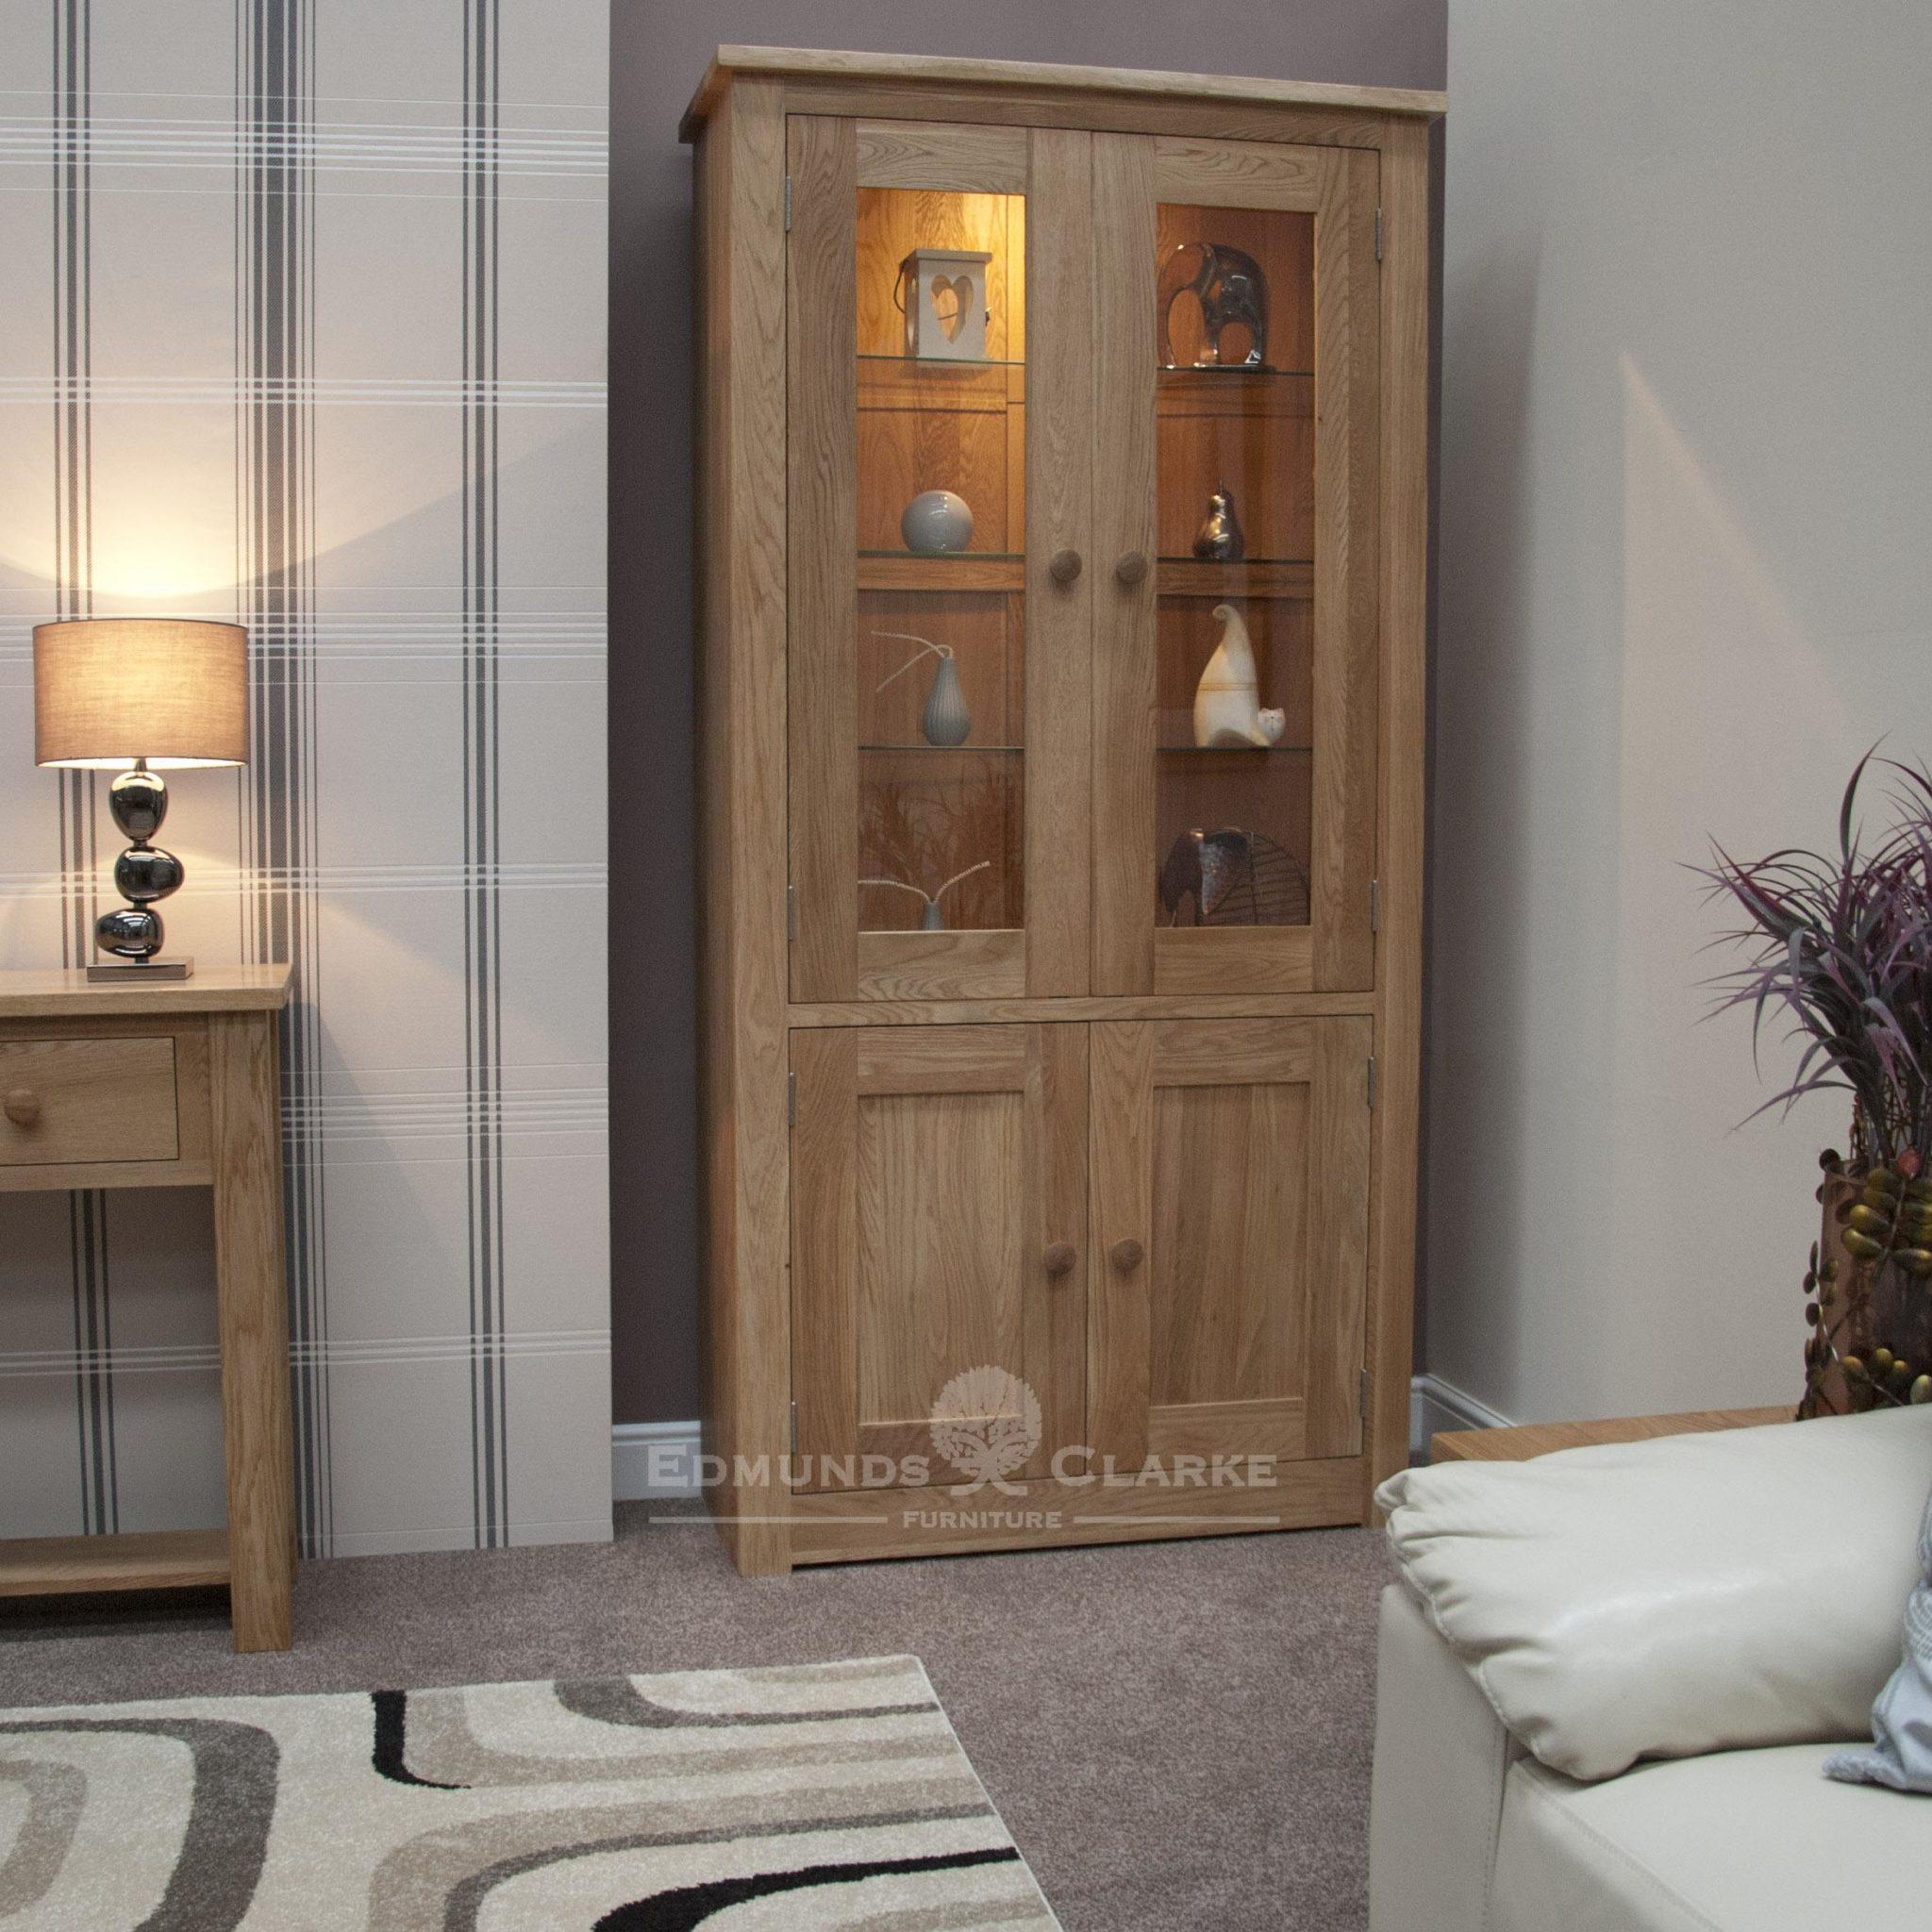 solid oak glazed 2 door cabinet with two panelled doors below